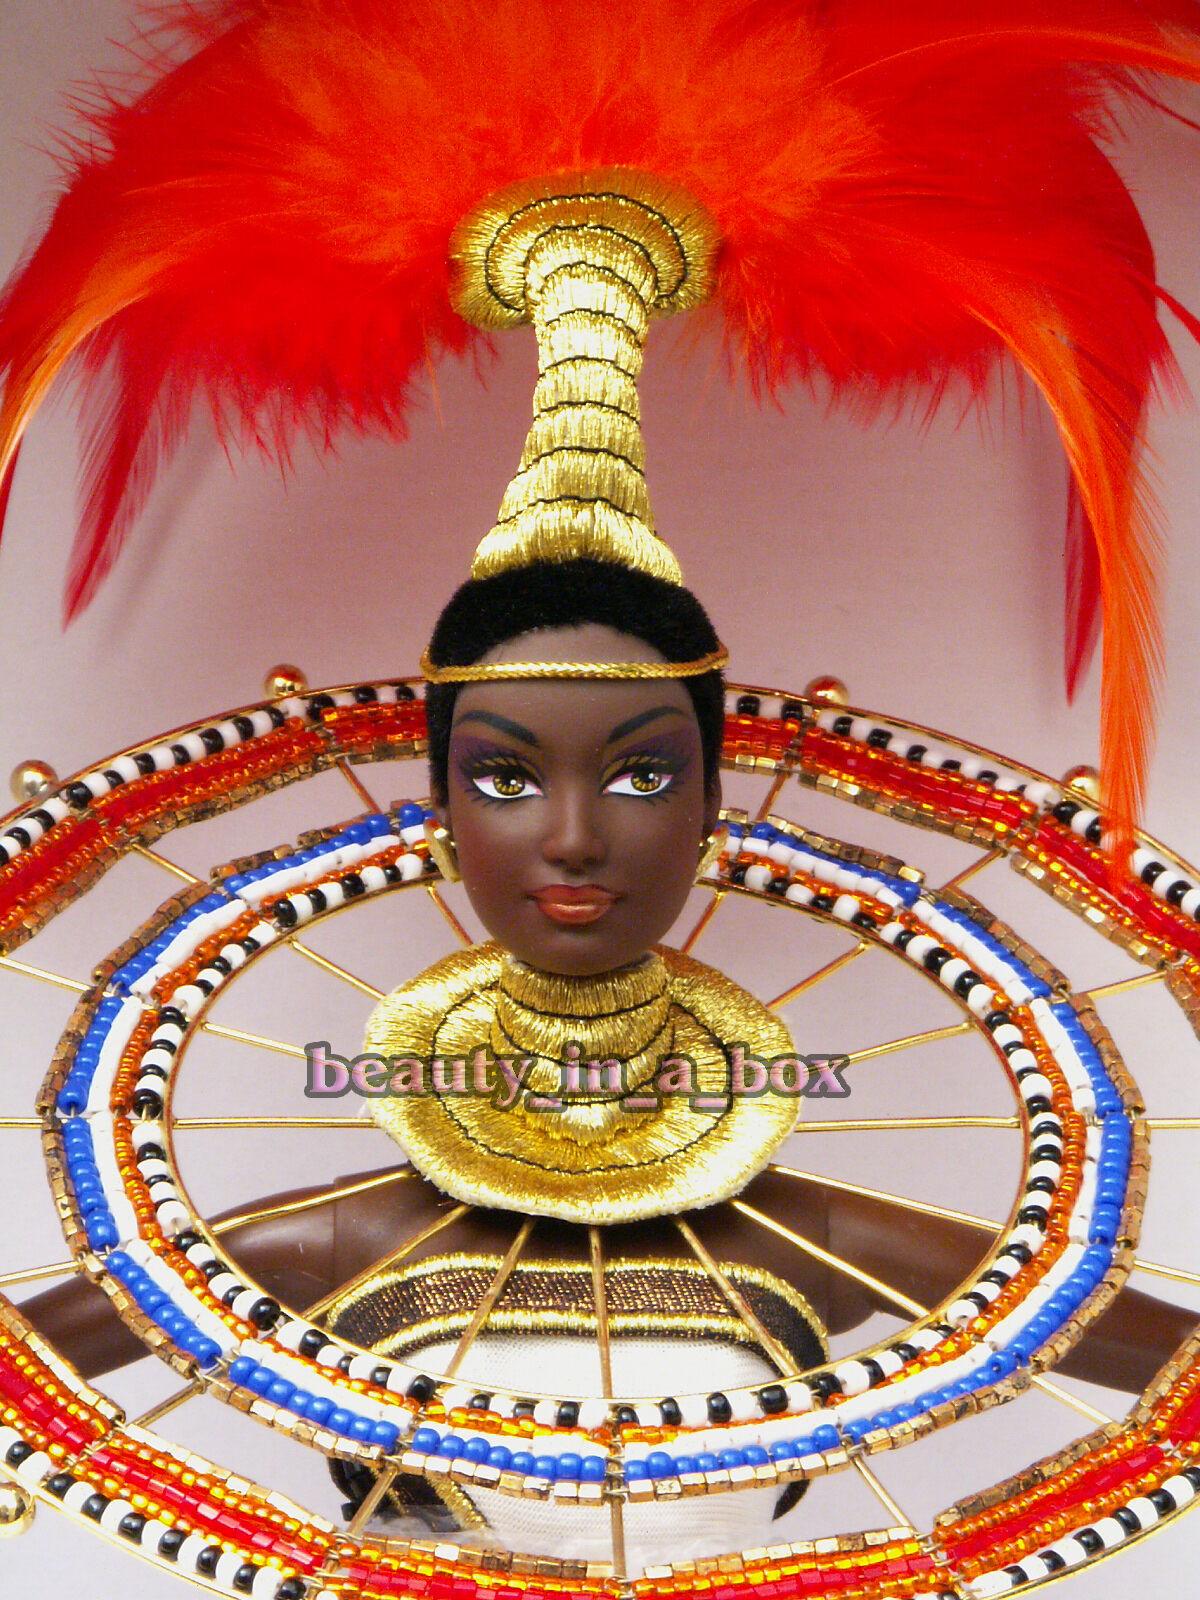 Fantasy Diosa de África Muñeca Barbie Bob Mackie Cr